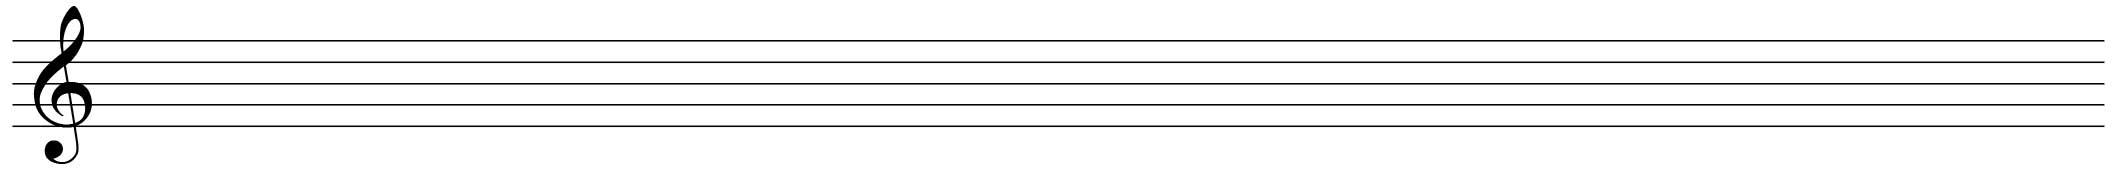 notenblaetter ausdrucken a4